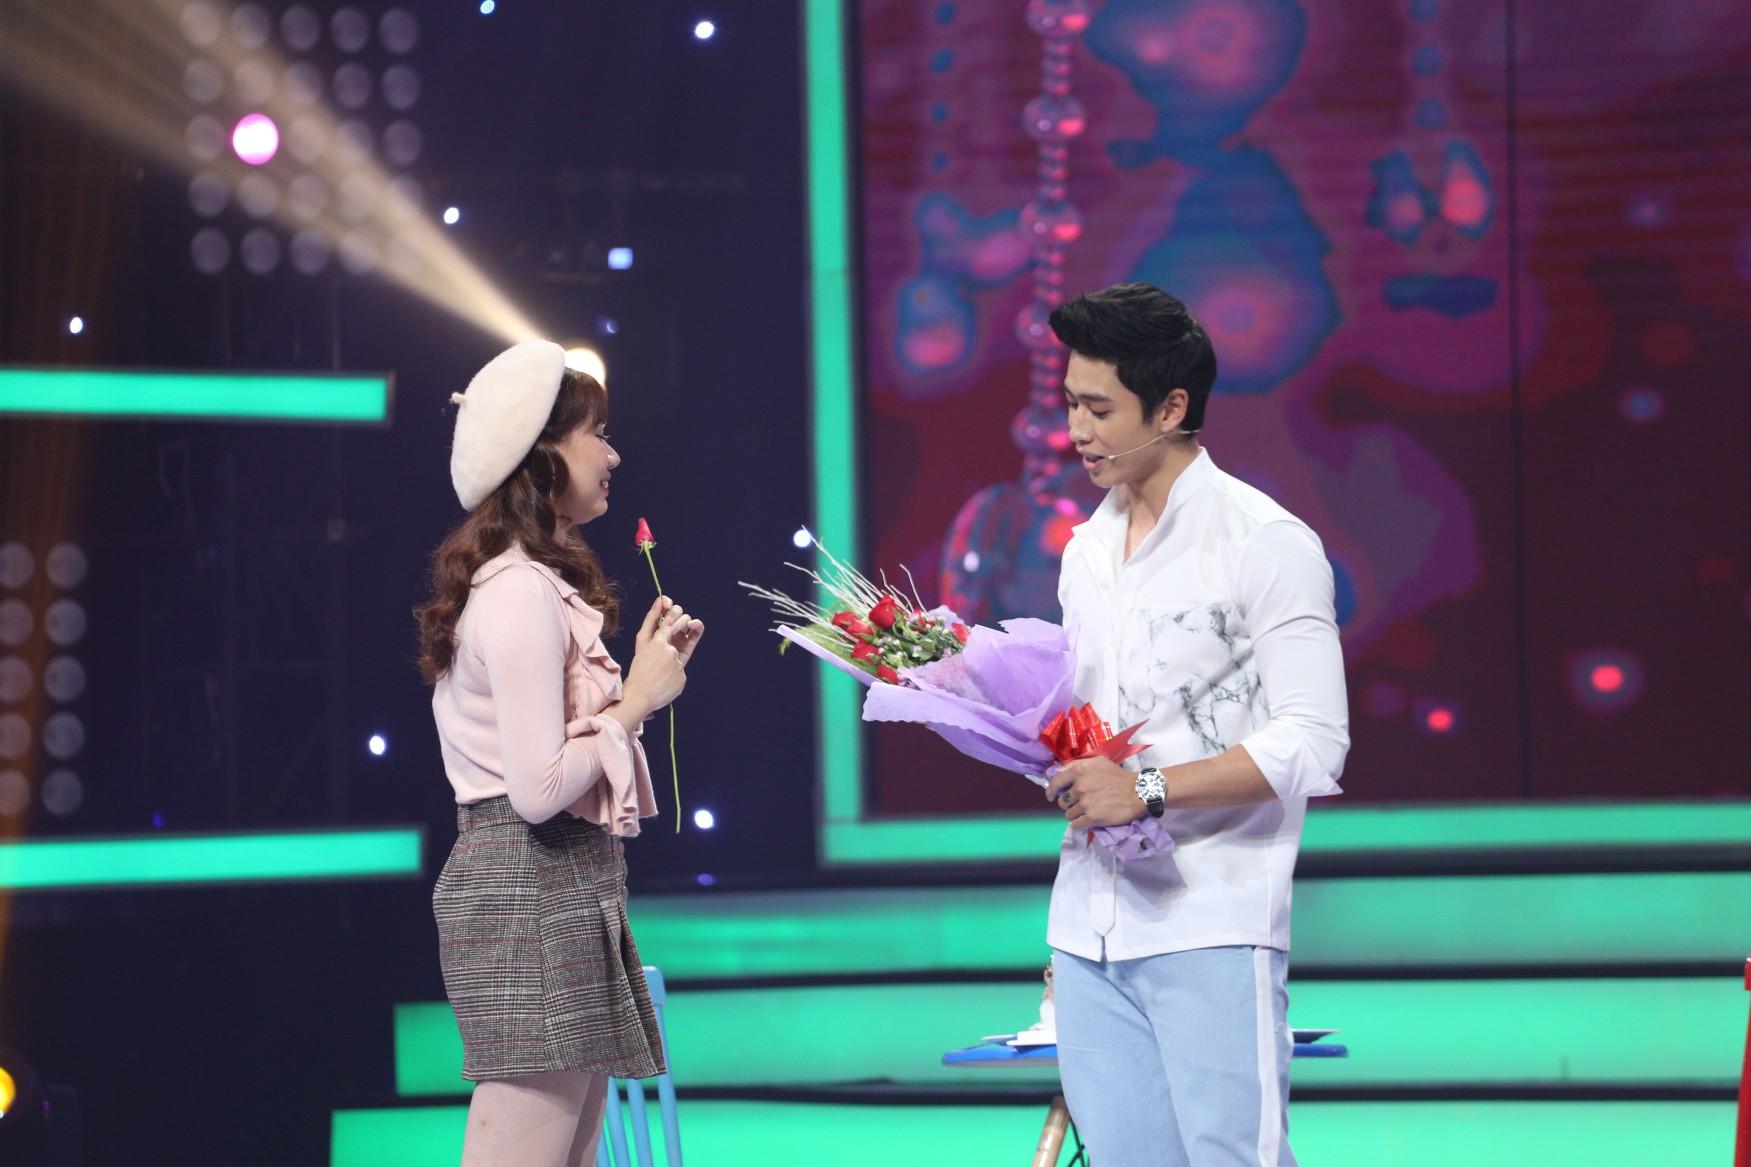 Vì yêu mà đến: Huy Cung khiến cô gái đẹp như Chi Pu rơi nước mắt - Ảnh 9.